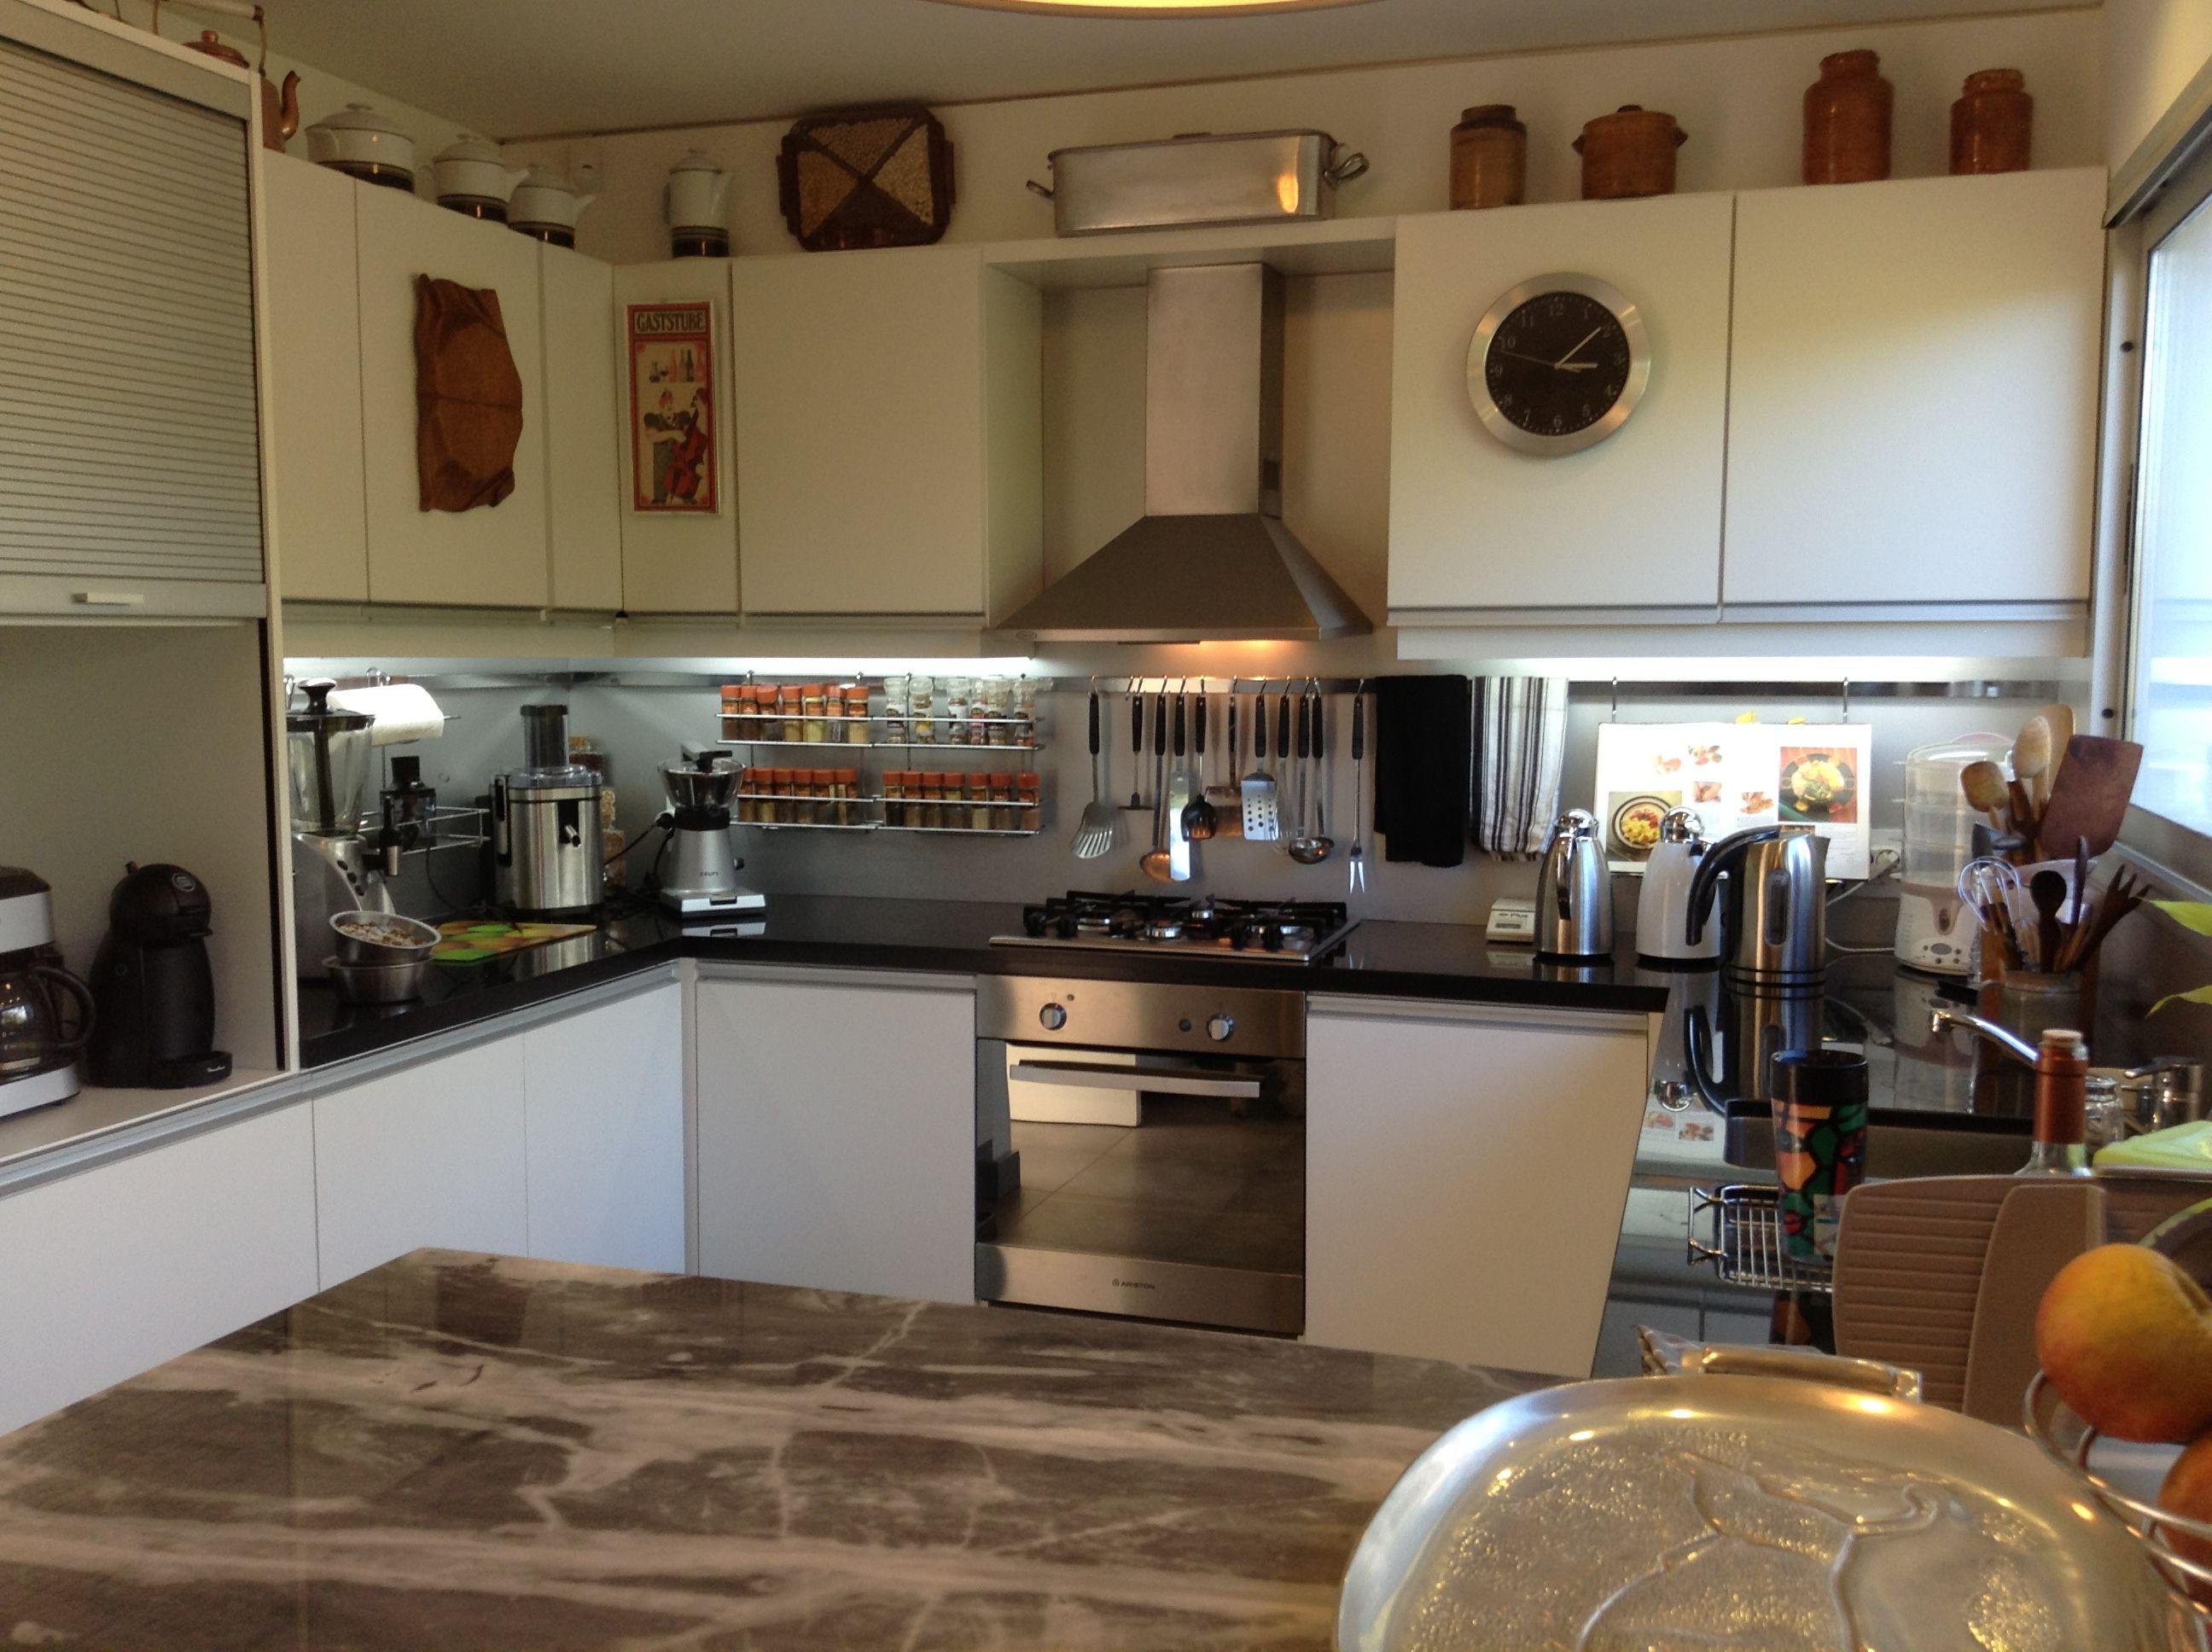 grupo3. cocina blanca con tirador de aluminio incorporado. El horno ...